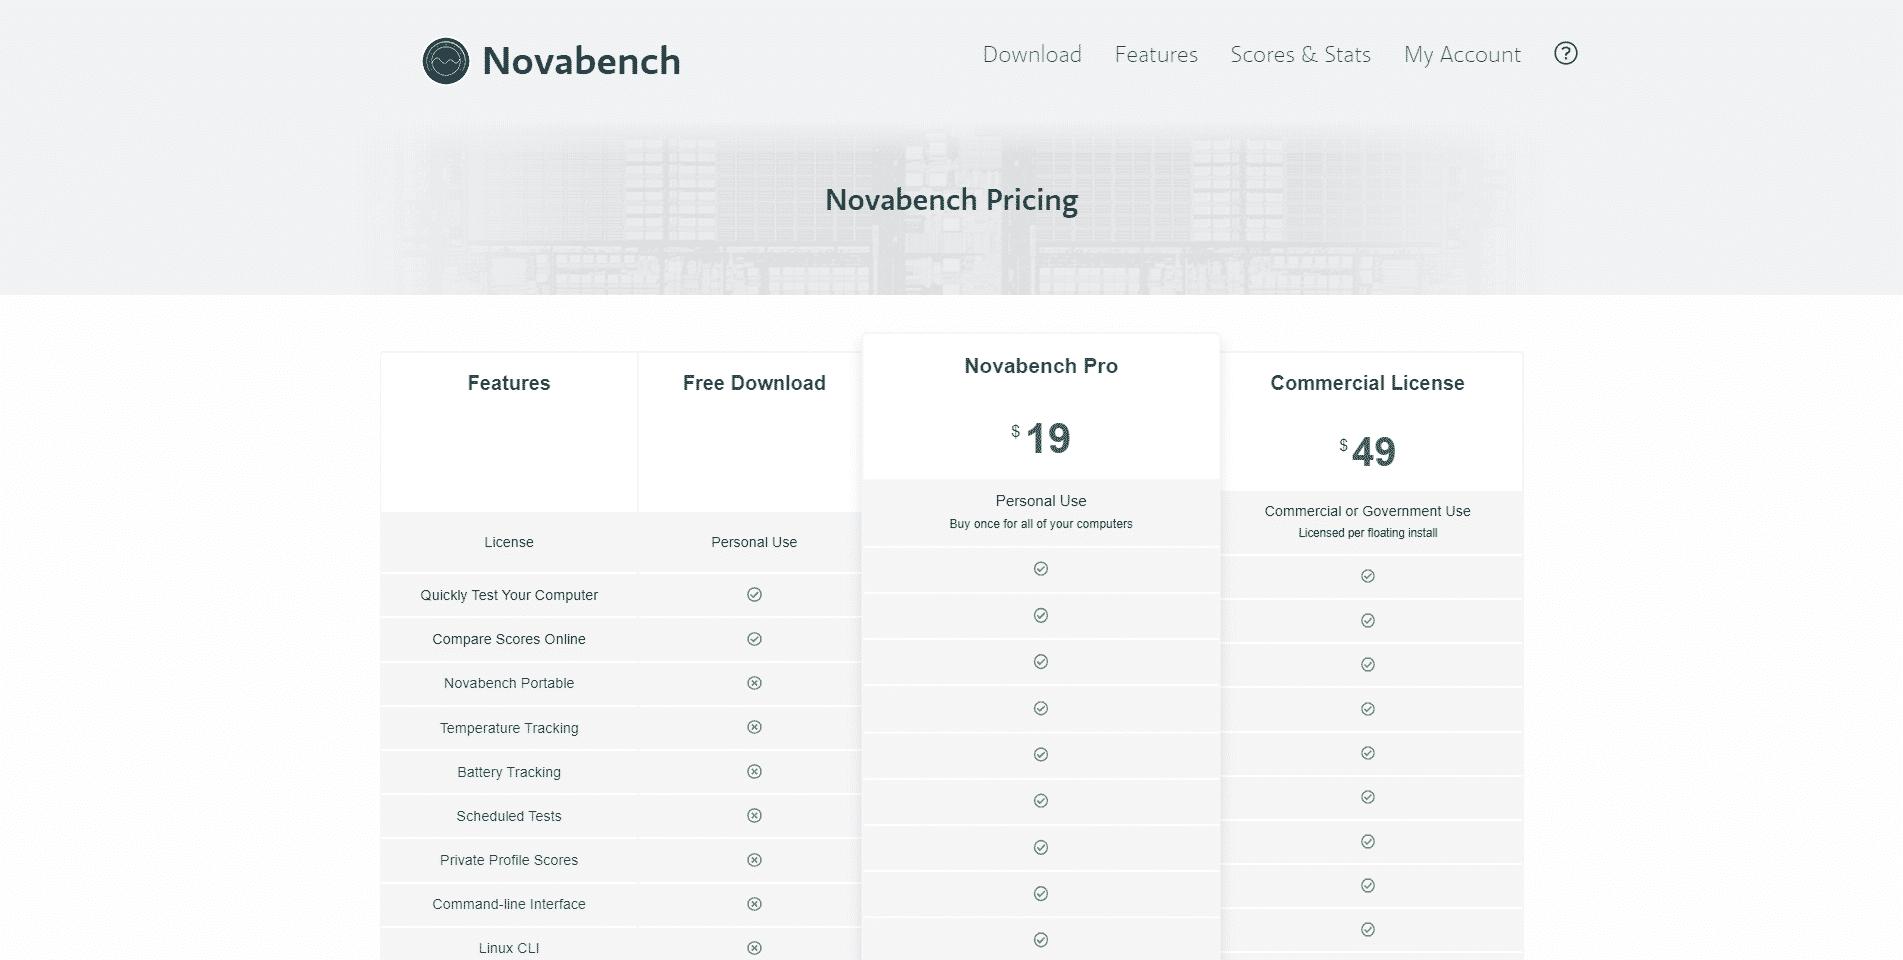 Novabench, funkce a srovnání verzí